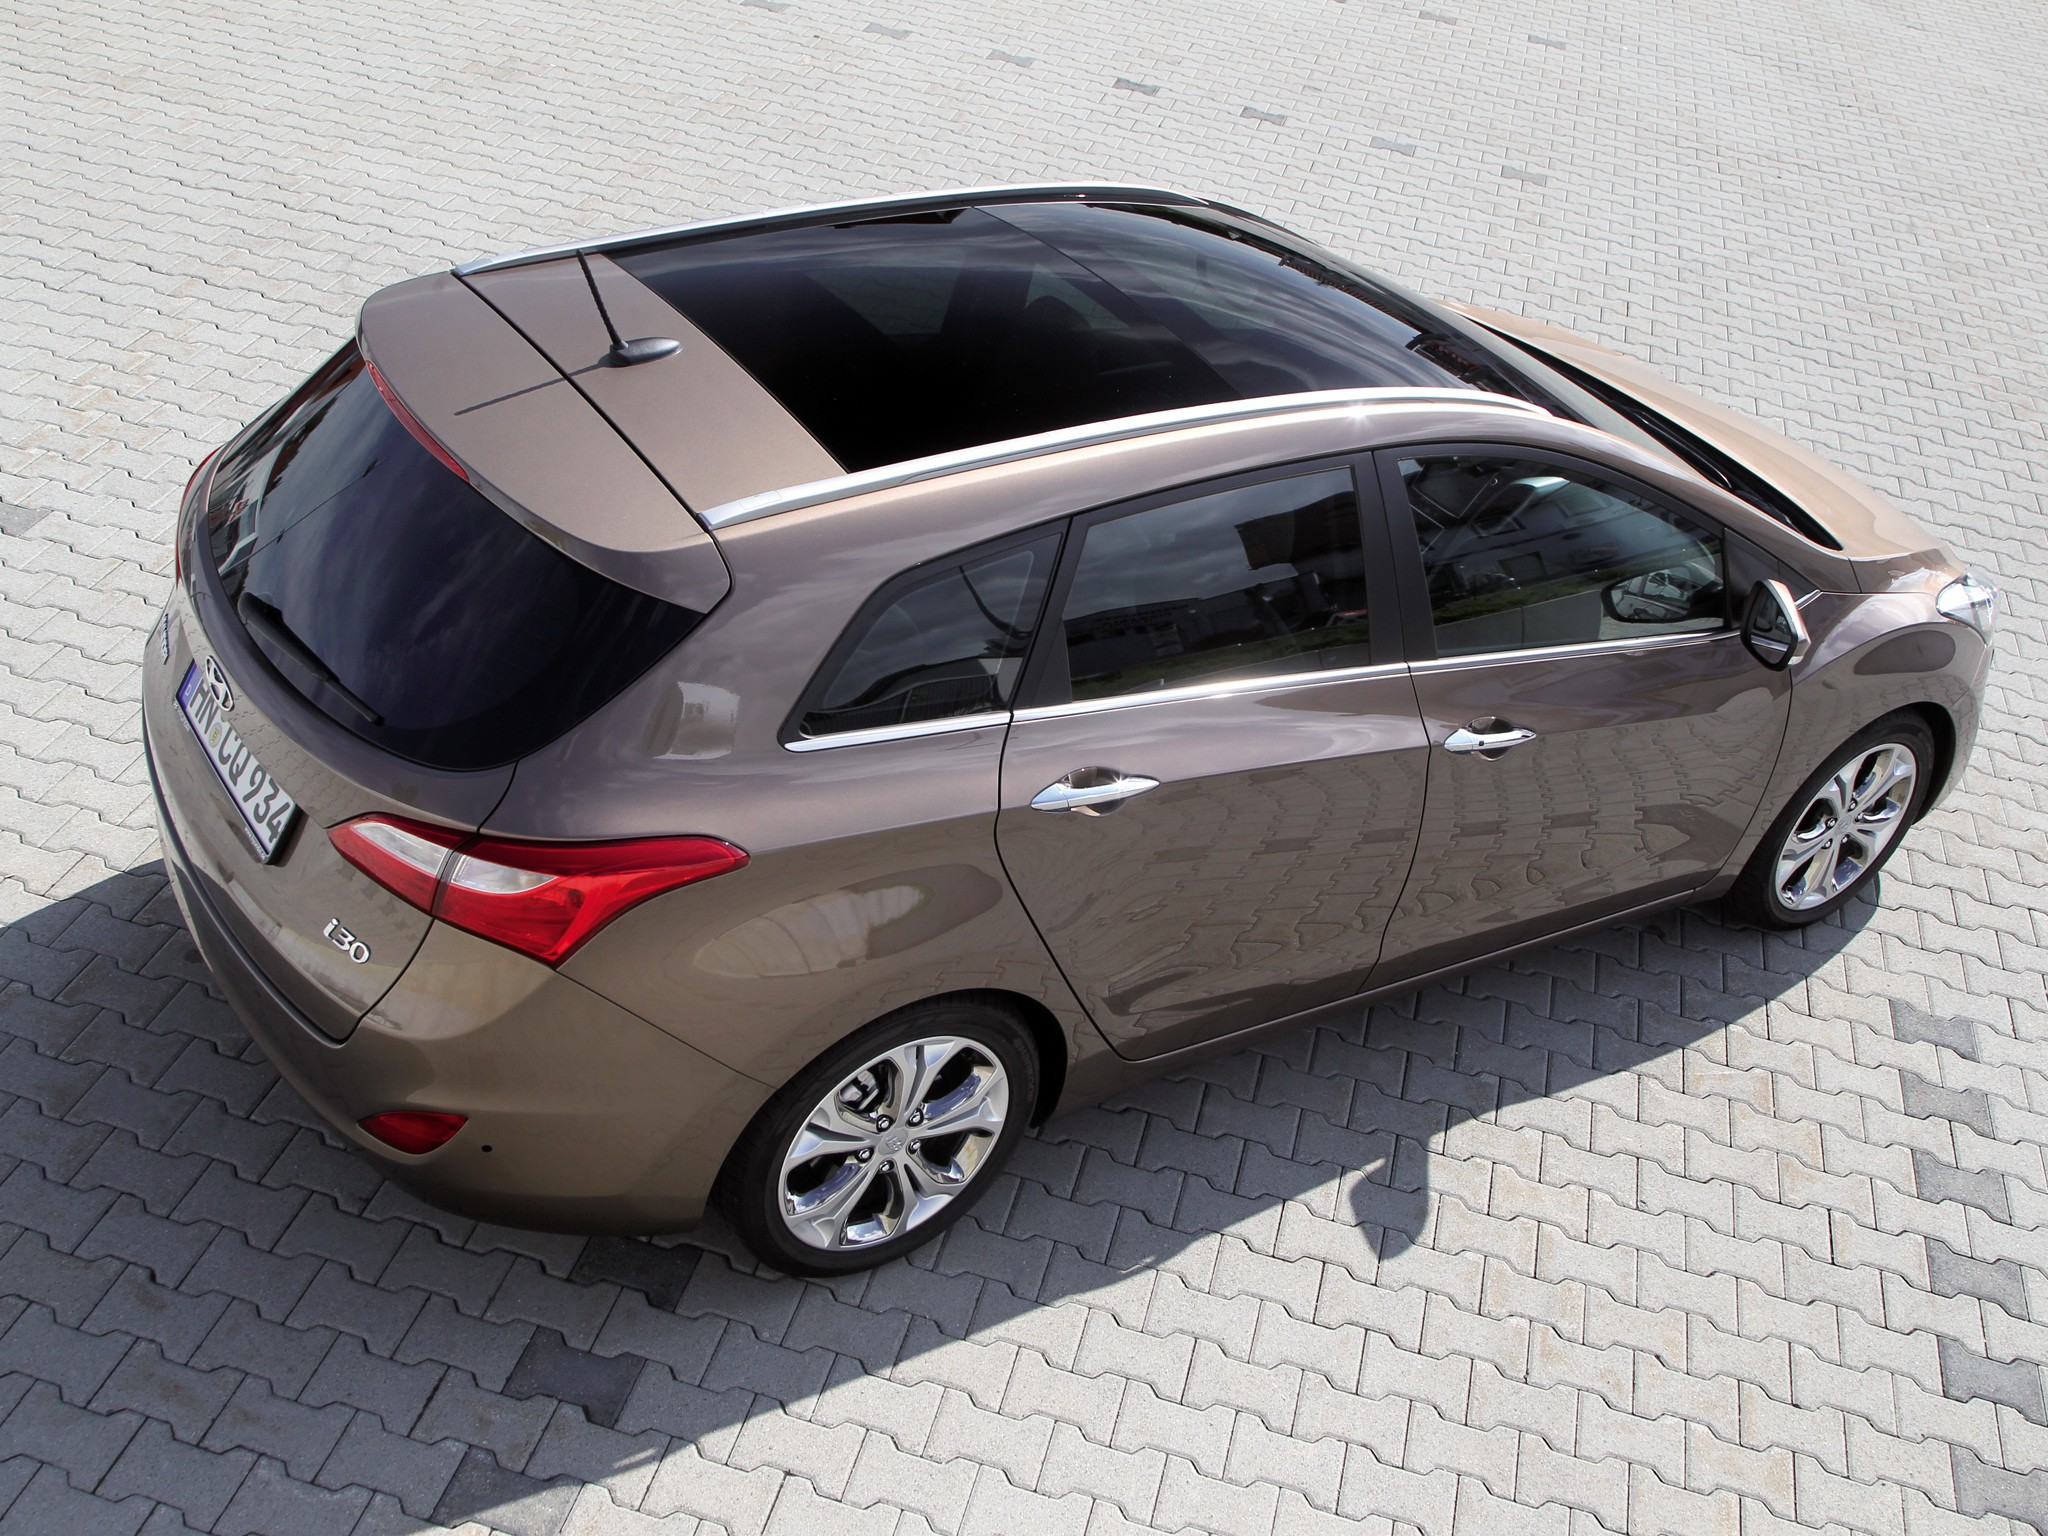 Hyundai i30 Wagon - 2012 Geneva Motor Show - Motor Trend